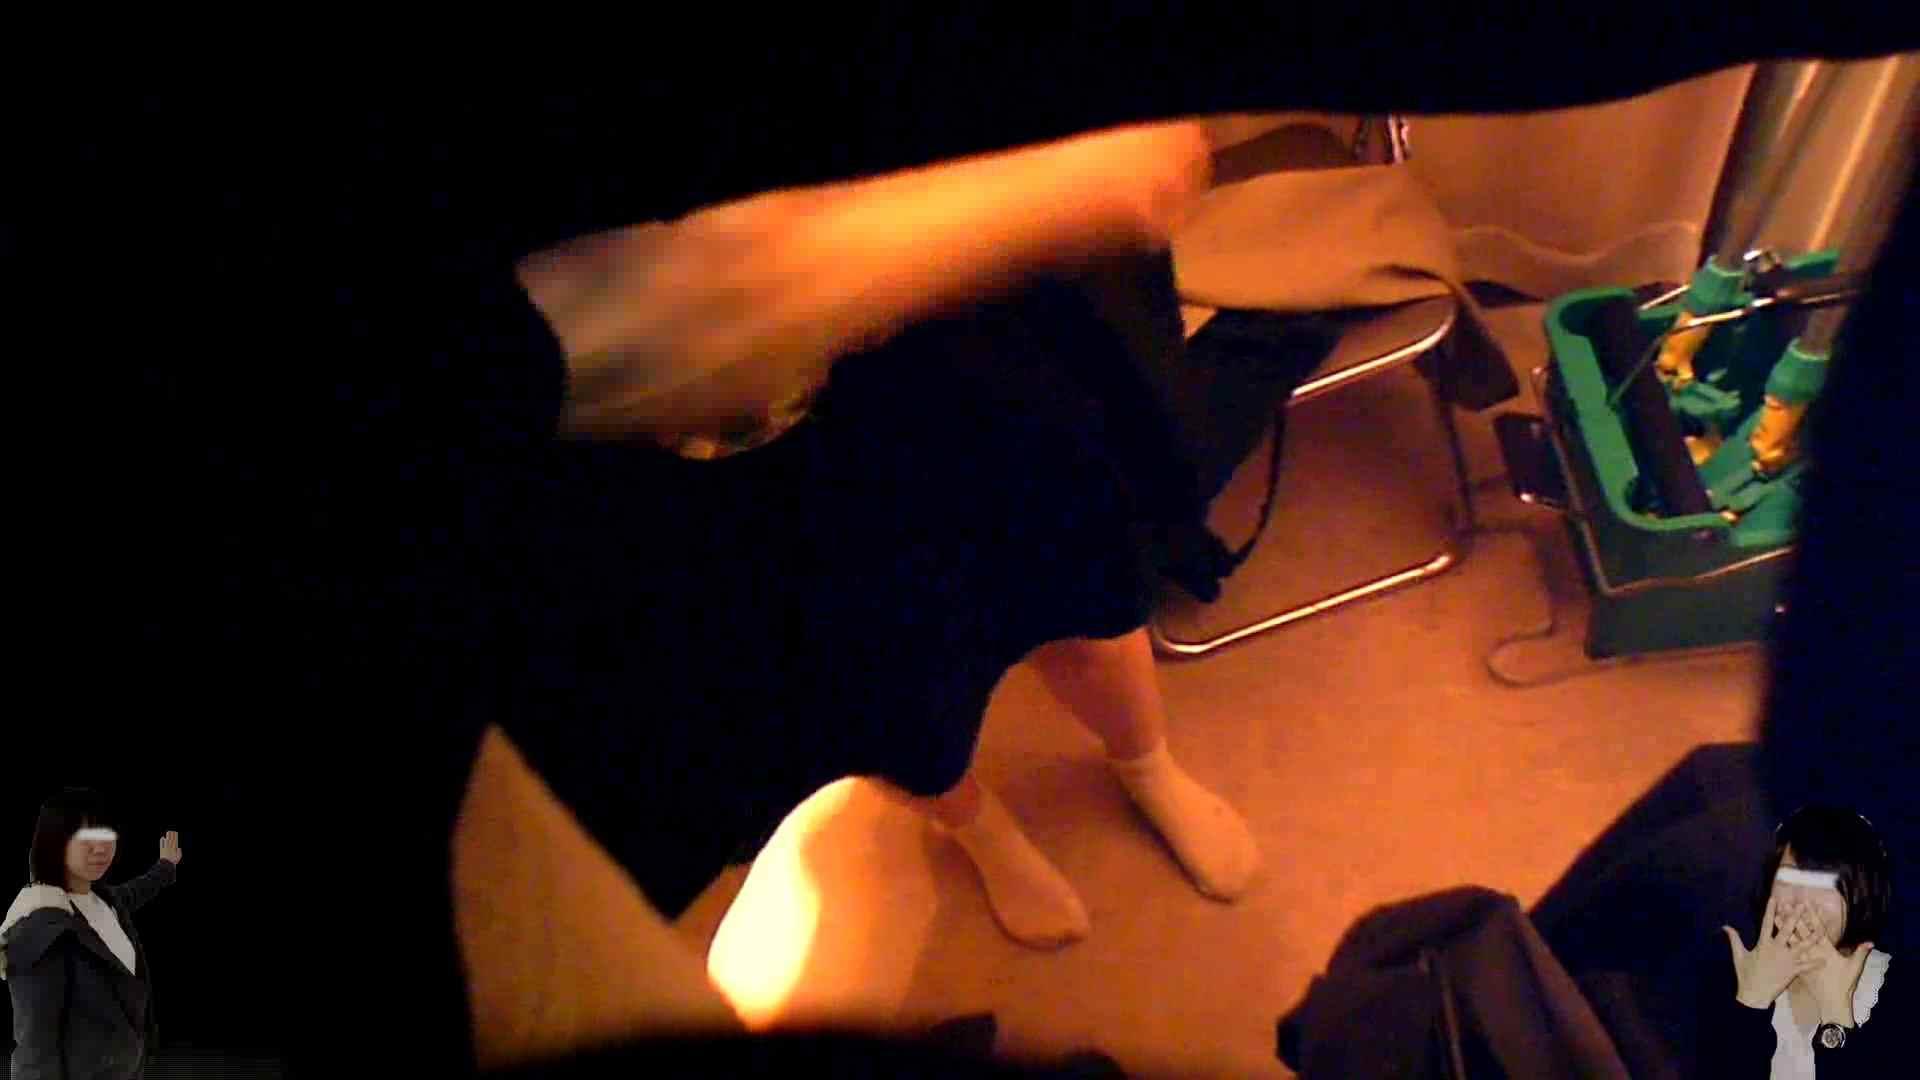 素人投稿 現役「JD」Eちゃんの着替え Vol.04 素人 のぞき濡れ場動画紹介 55連発 39